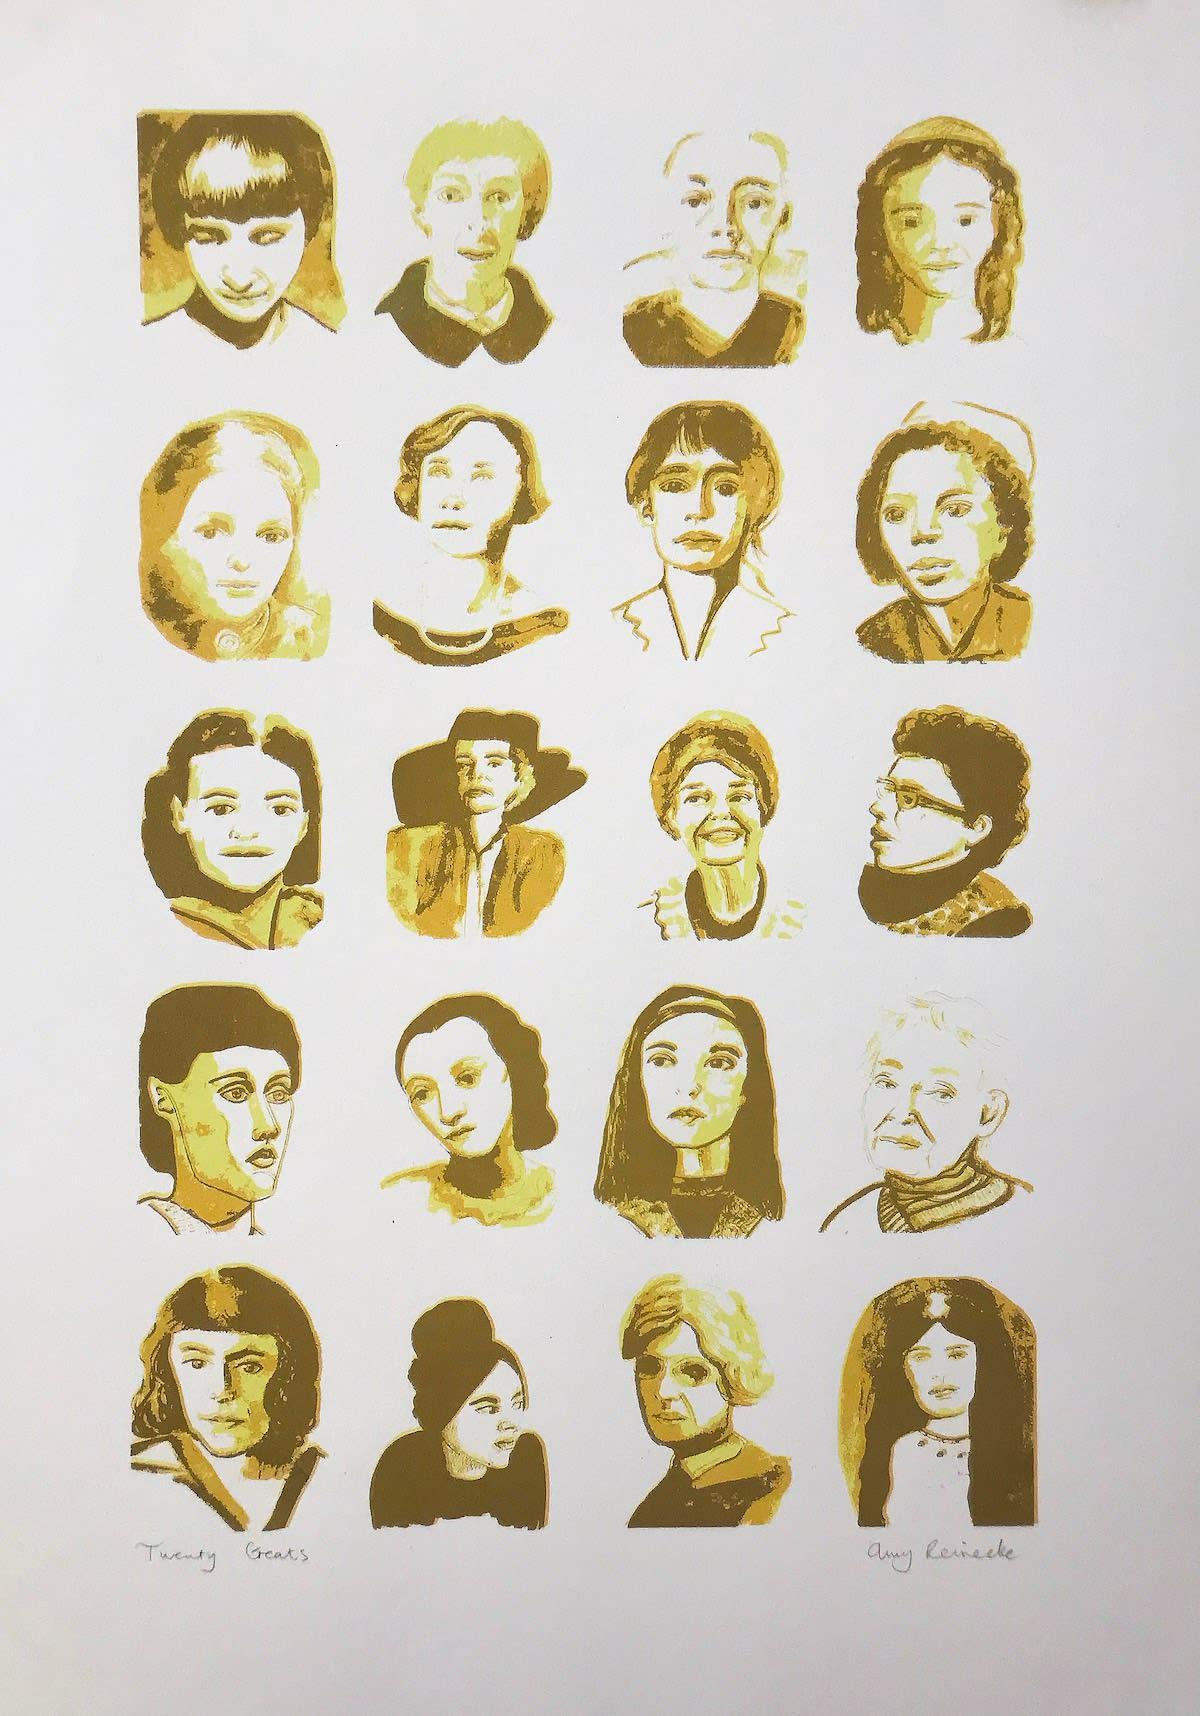 Putney School of Art and Design, Amy Reinecke, 20 Greats